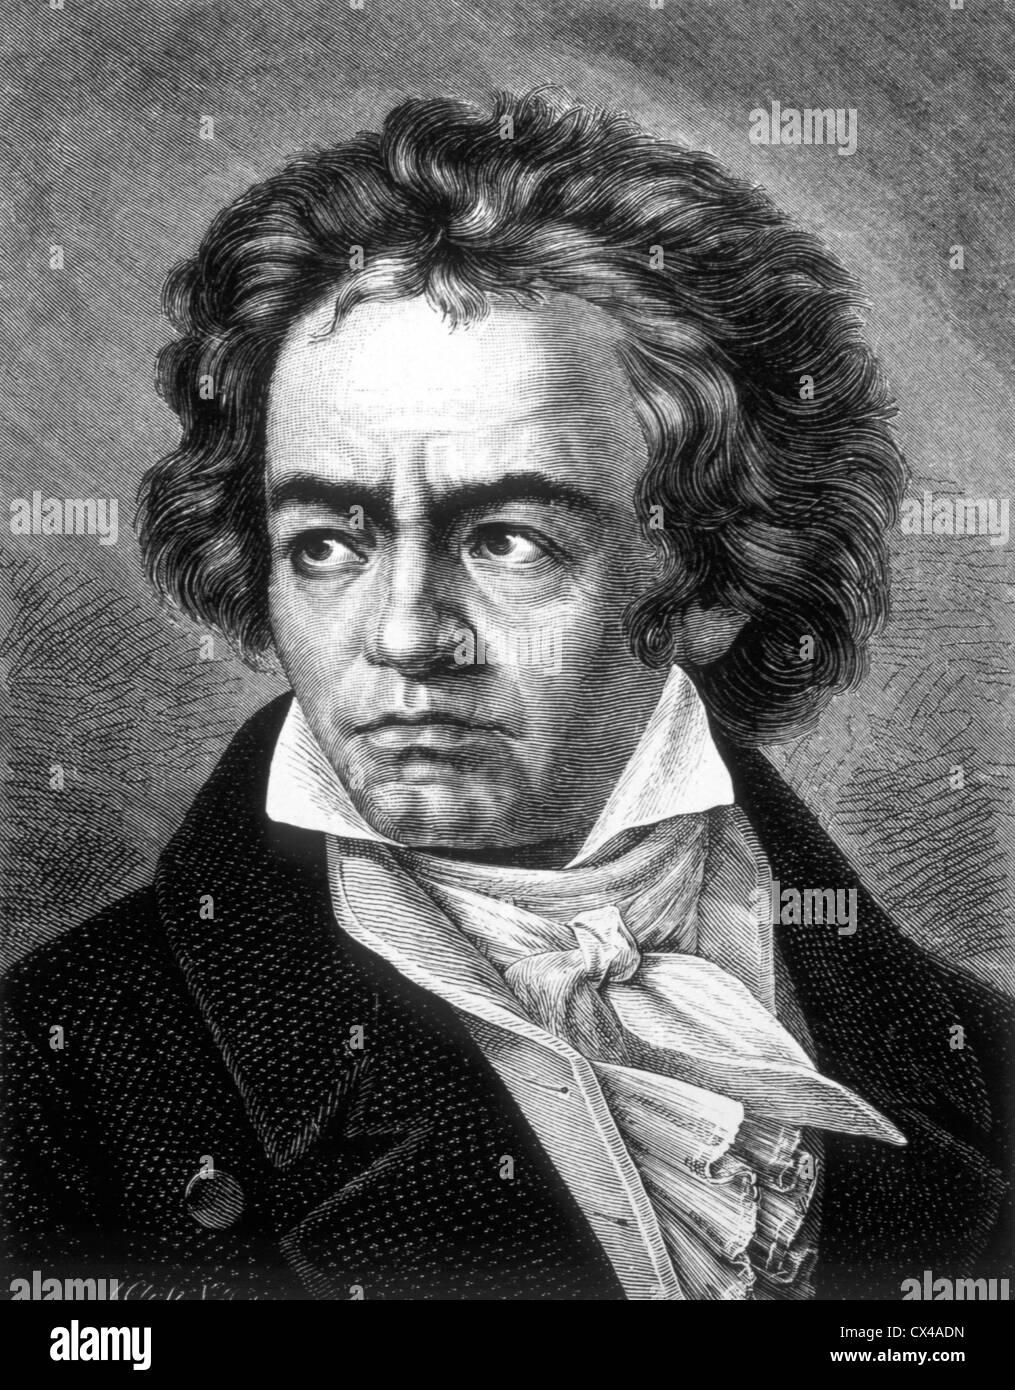 Ludwig van Beethoven, German Composer, Engraving - Stock Image